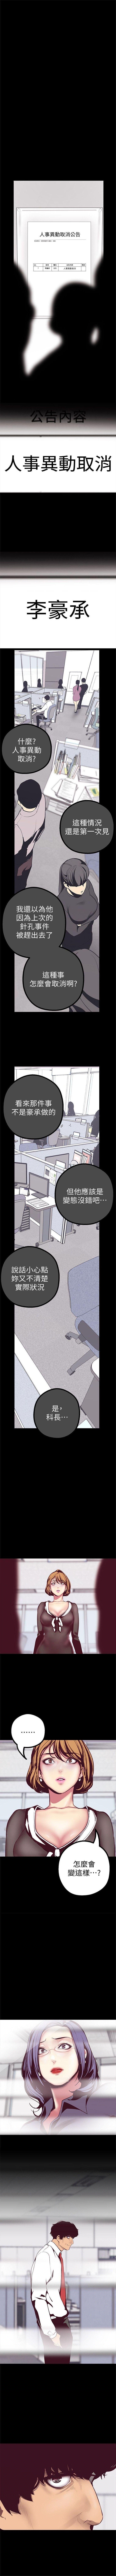 (週1)美麗新世界 1-70 中文翻譯 (更新中) 115